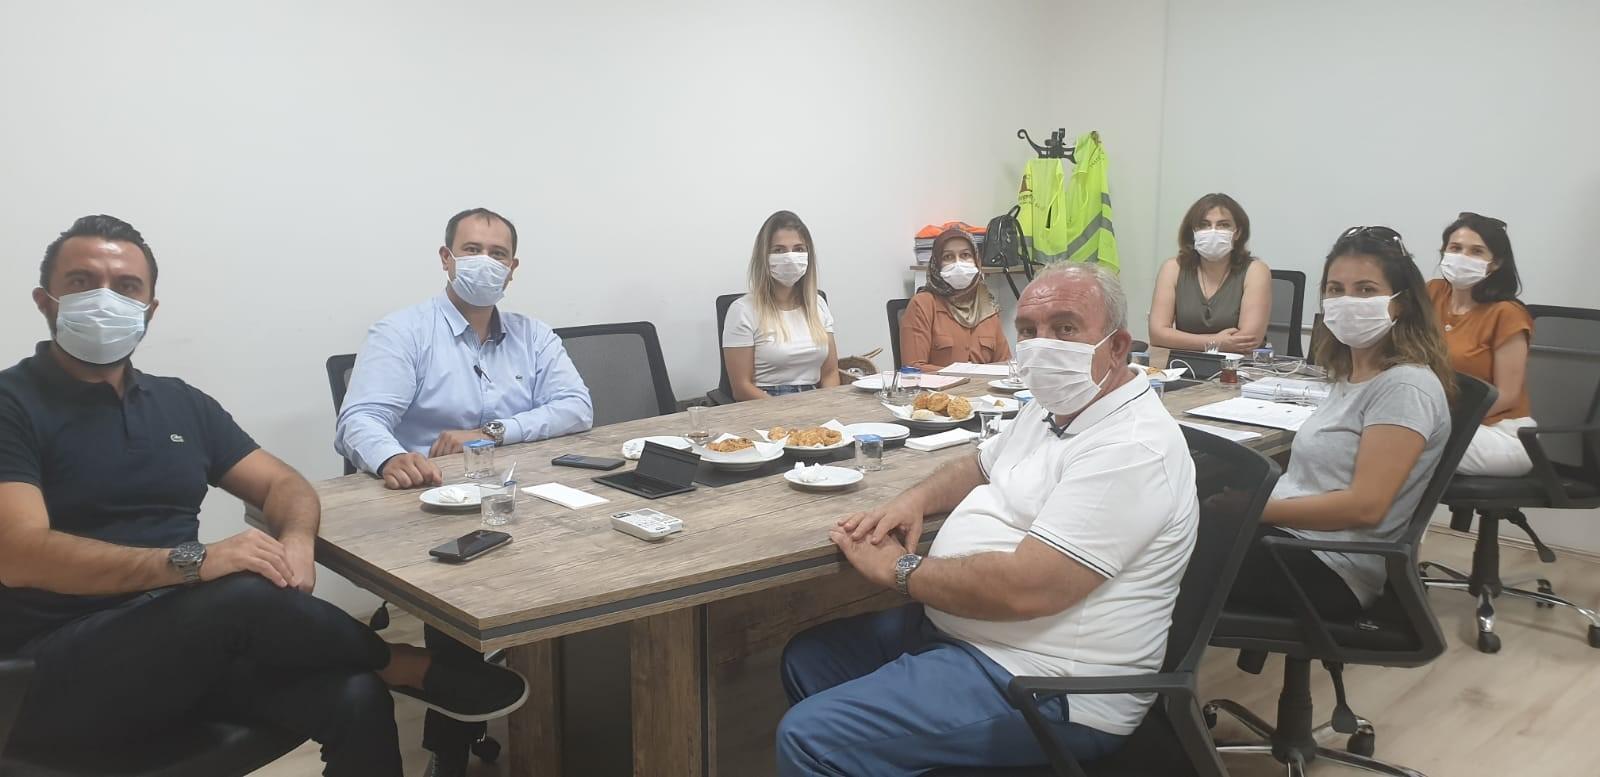 Hamburger Turkey Kağıt Üretim ve Tic. Ltd.Şti. Birleşik Denetim